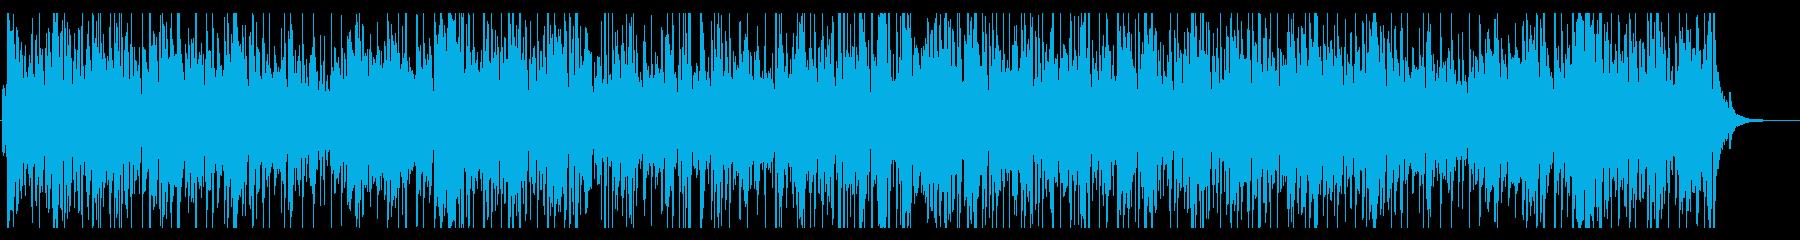 お洒落なジャズピアノトリオ28かっこいいの再生済みの波形